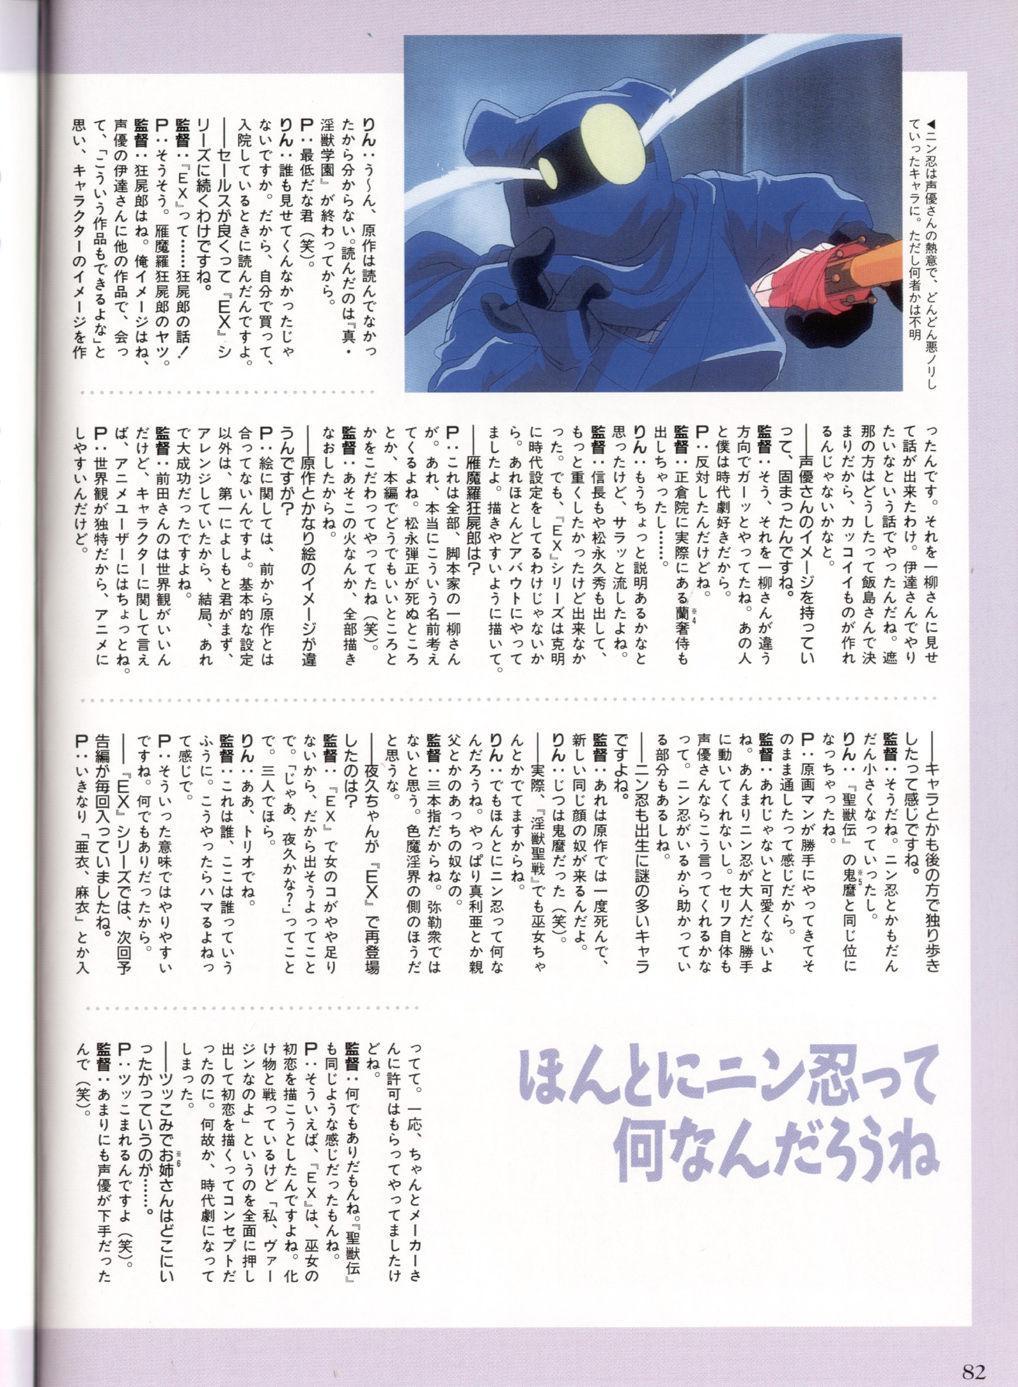 Injuu Gakuen You no Shou Secret File 77